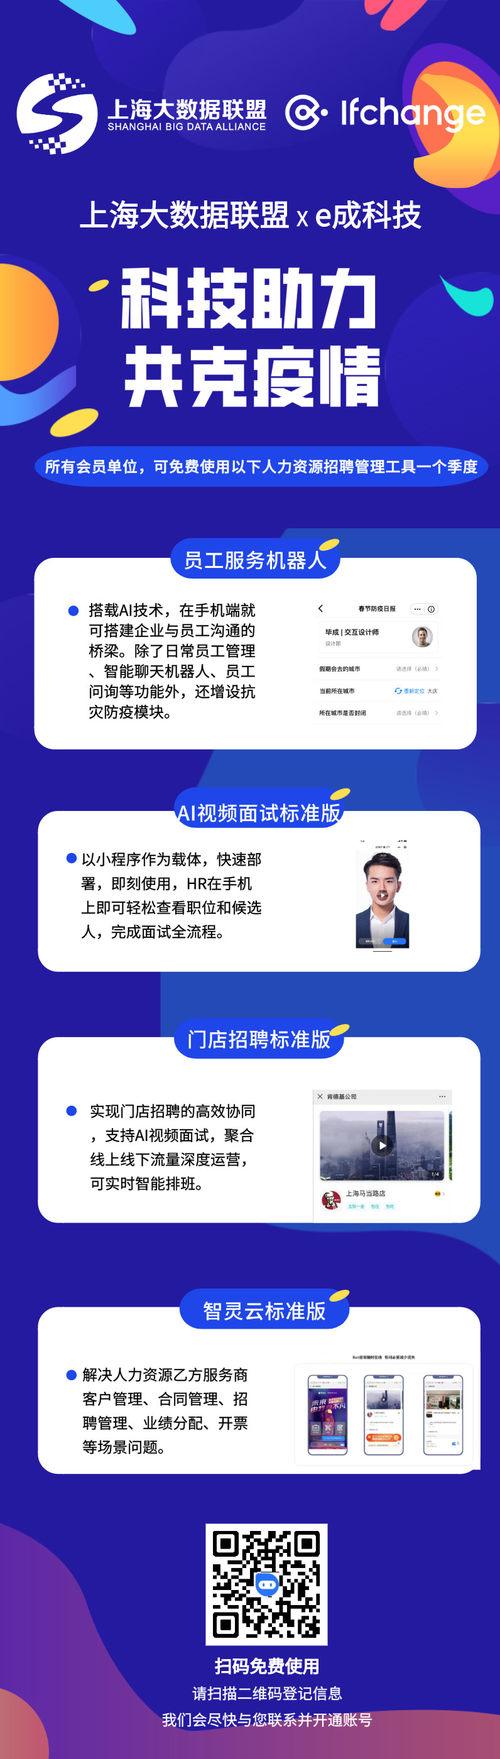 共同战疫   上海大数据联盟携手e成科技,助力企业开启创新管理模式